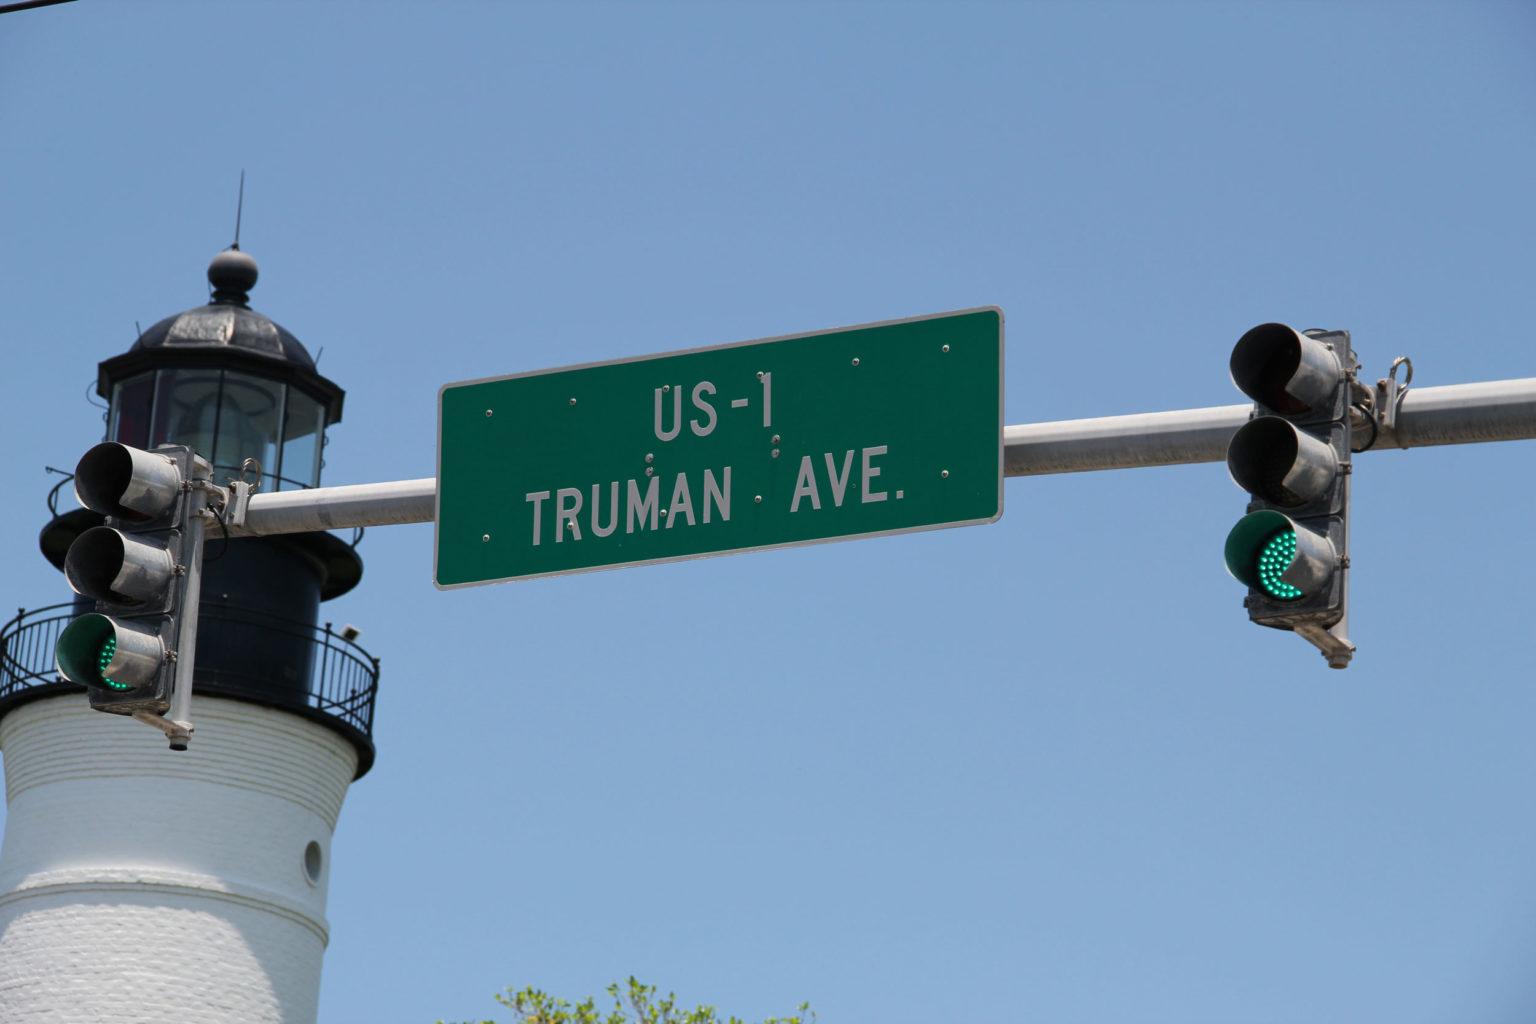 Trueman-Ave